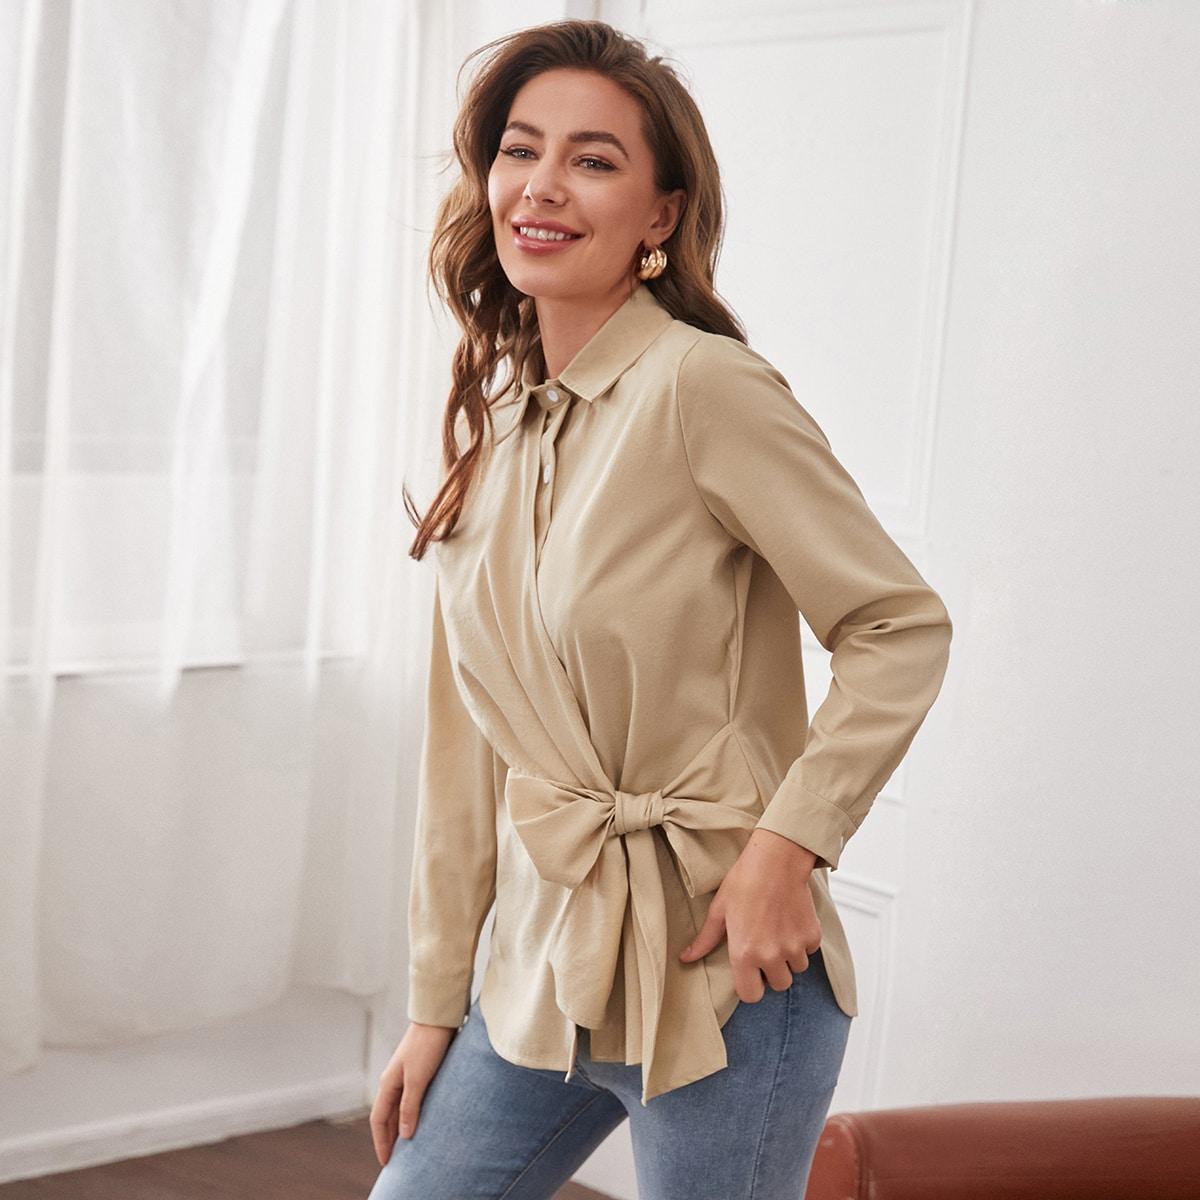 узел Одноцветный Элегантный Блузы